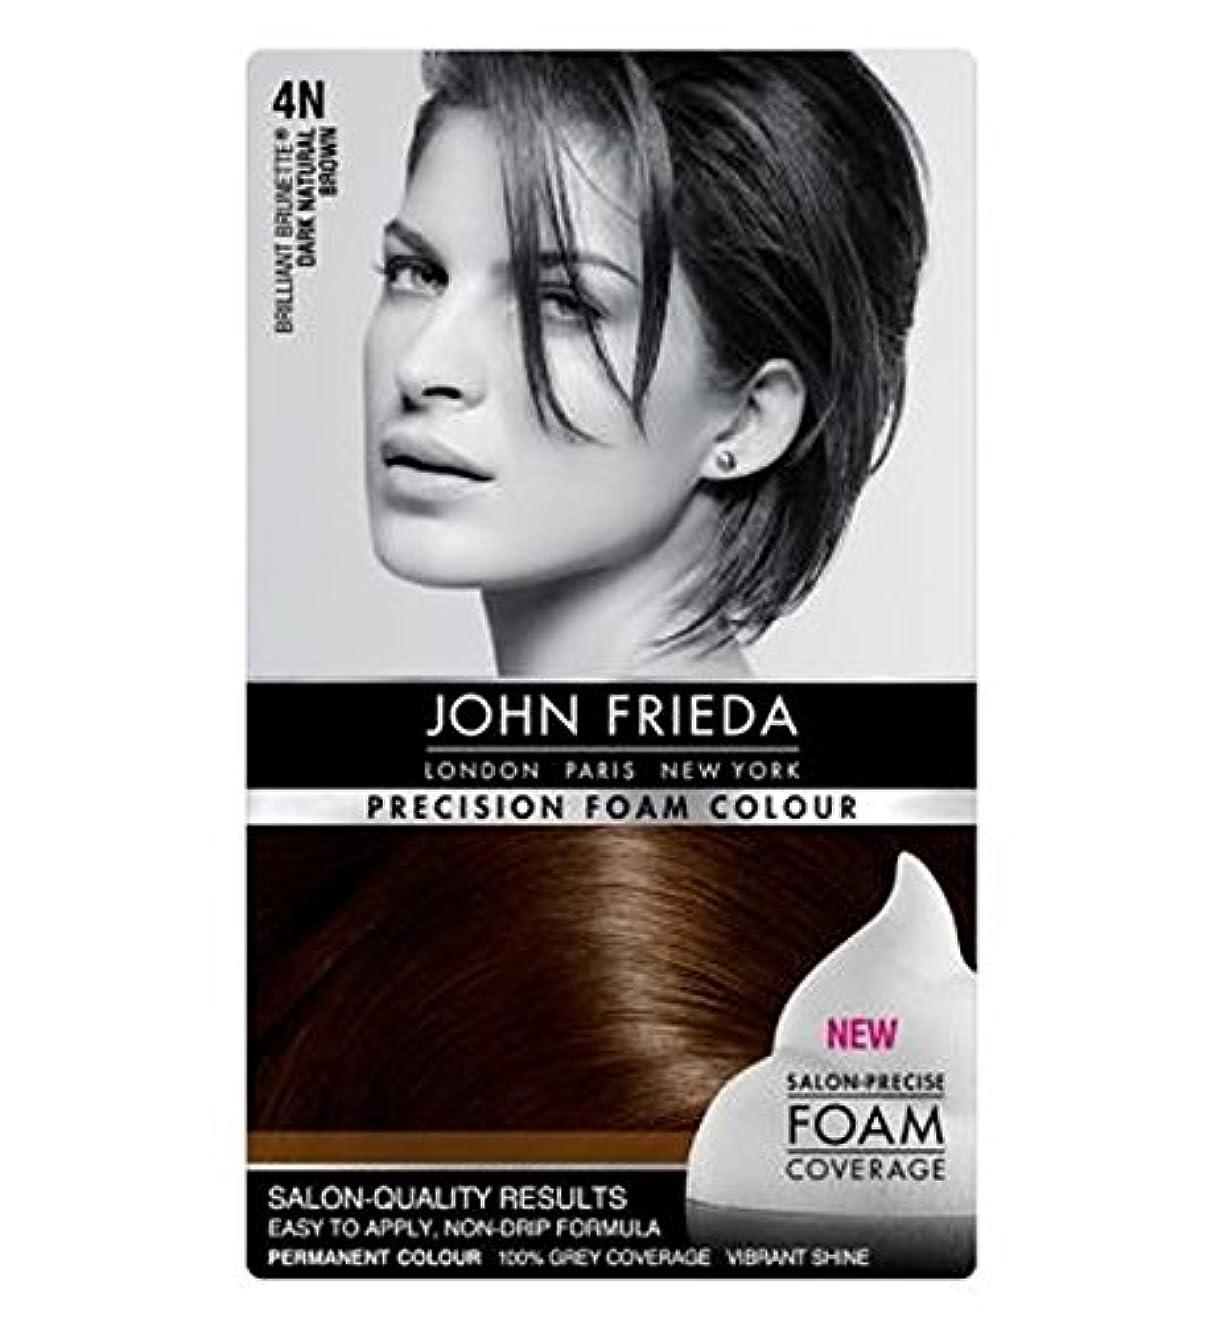 アクロバット覚えているもちろんジョン?フリーダ精密泡カラー4Nのダークナチュラルブラウン (John Frieda) (x2) - John Frieda Precision Foam Colour 4N Dark Natural Brown (Pack of 2) [並行輸入品]